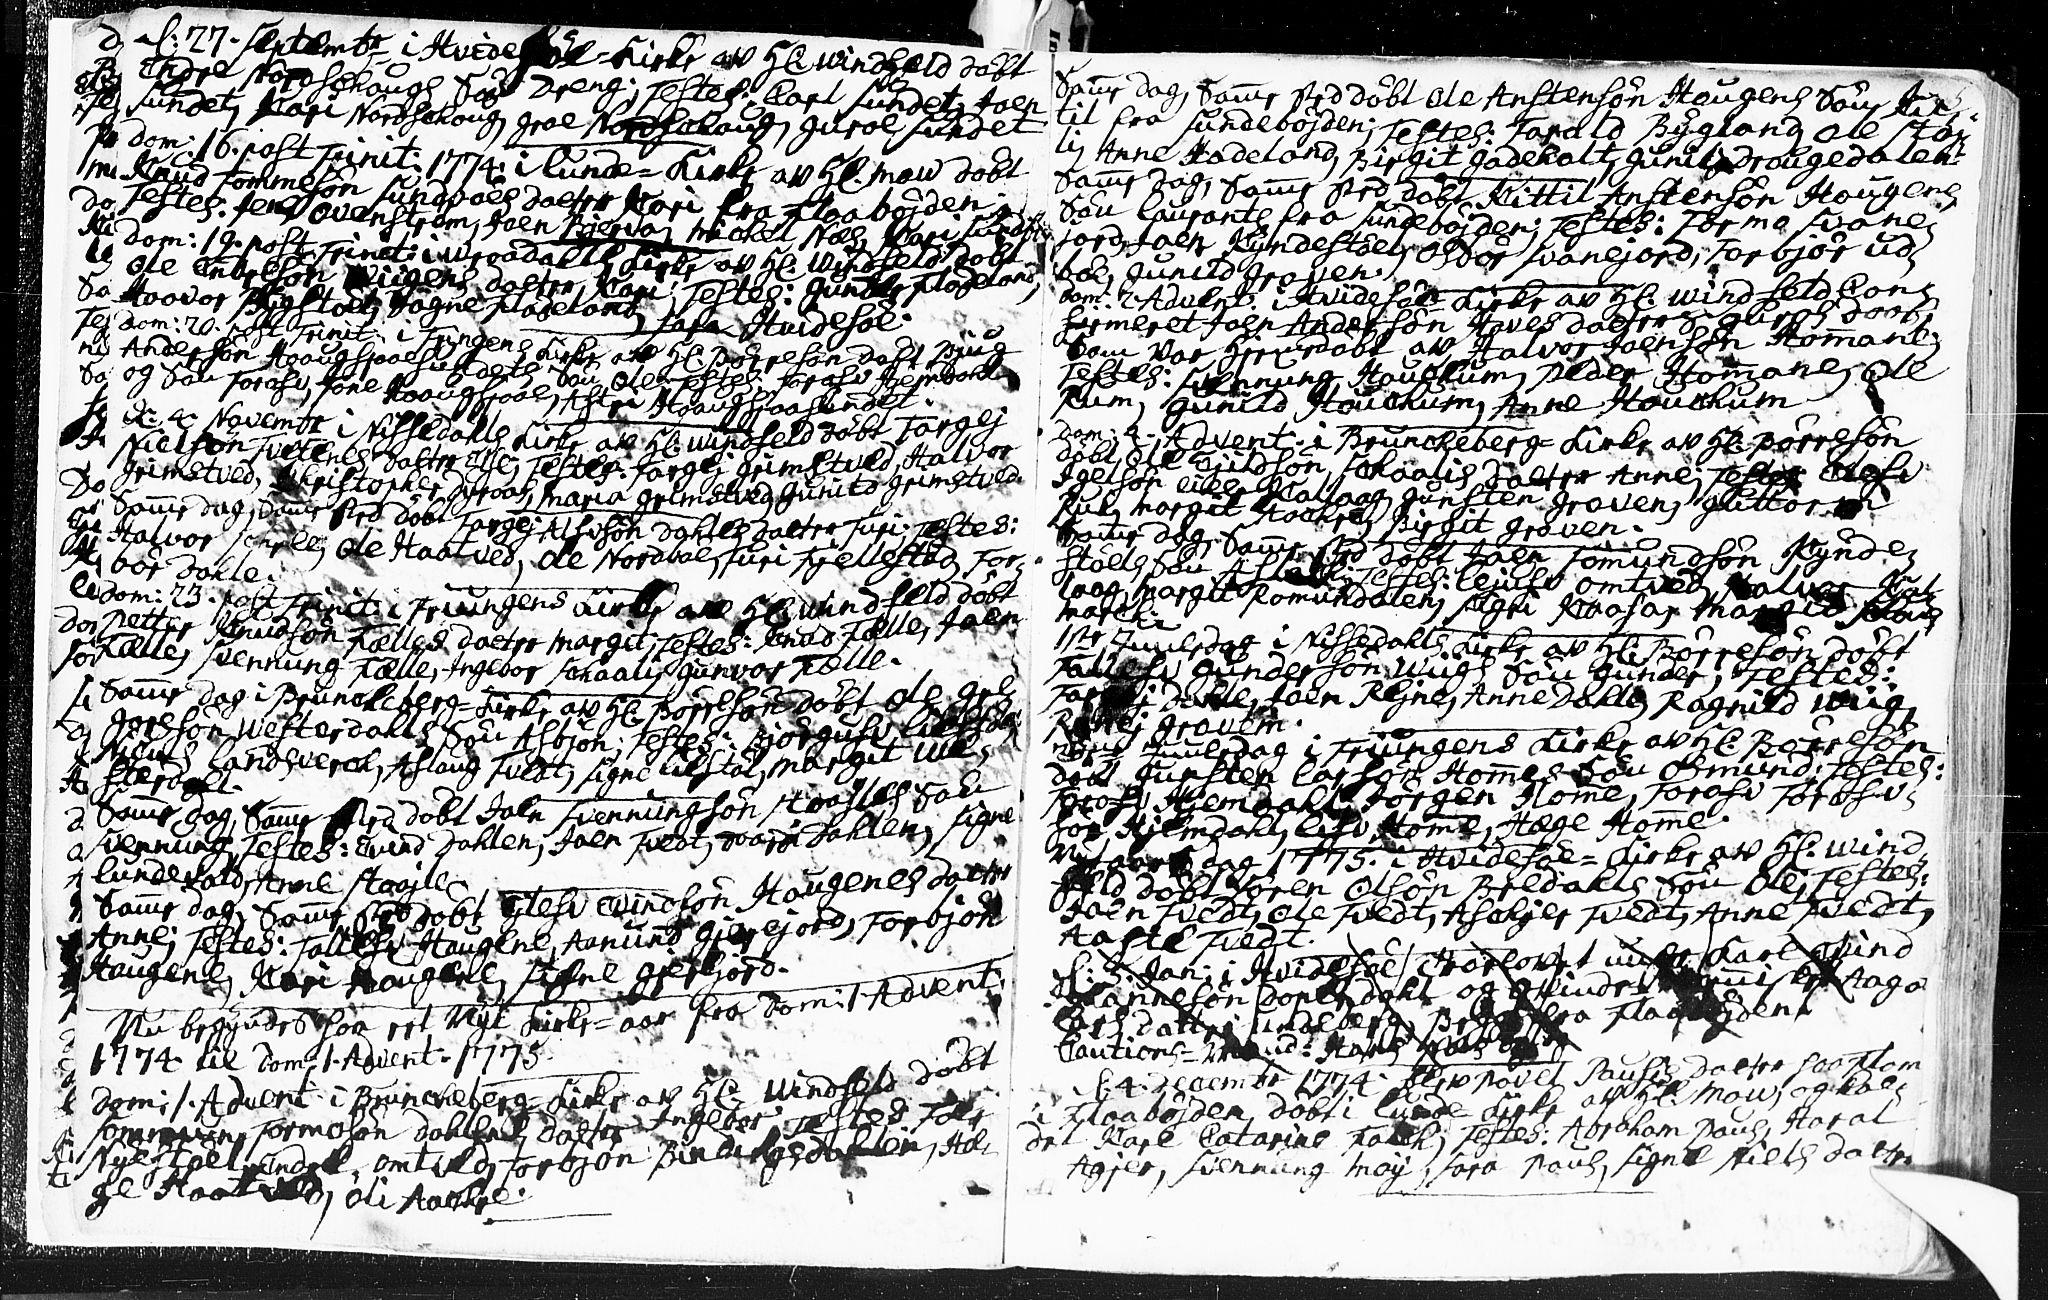 SAKO, Kviteseid kirkebøker, F/Fa/L0002: Ministerialbok nr. I 2, 1773-1786, s. 5